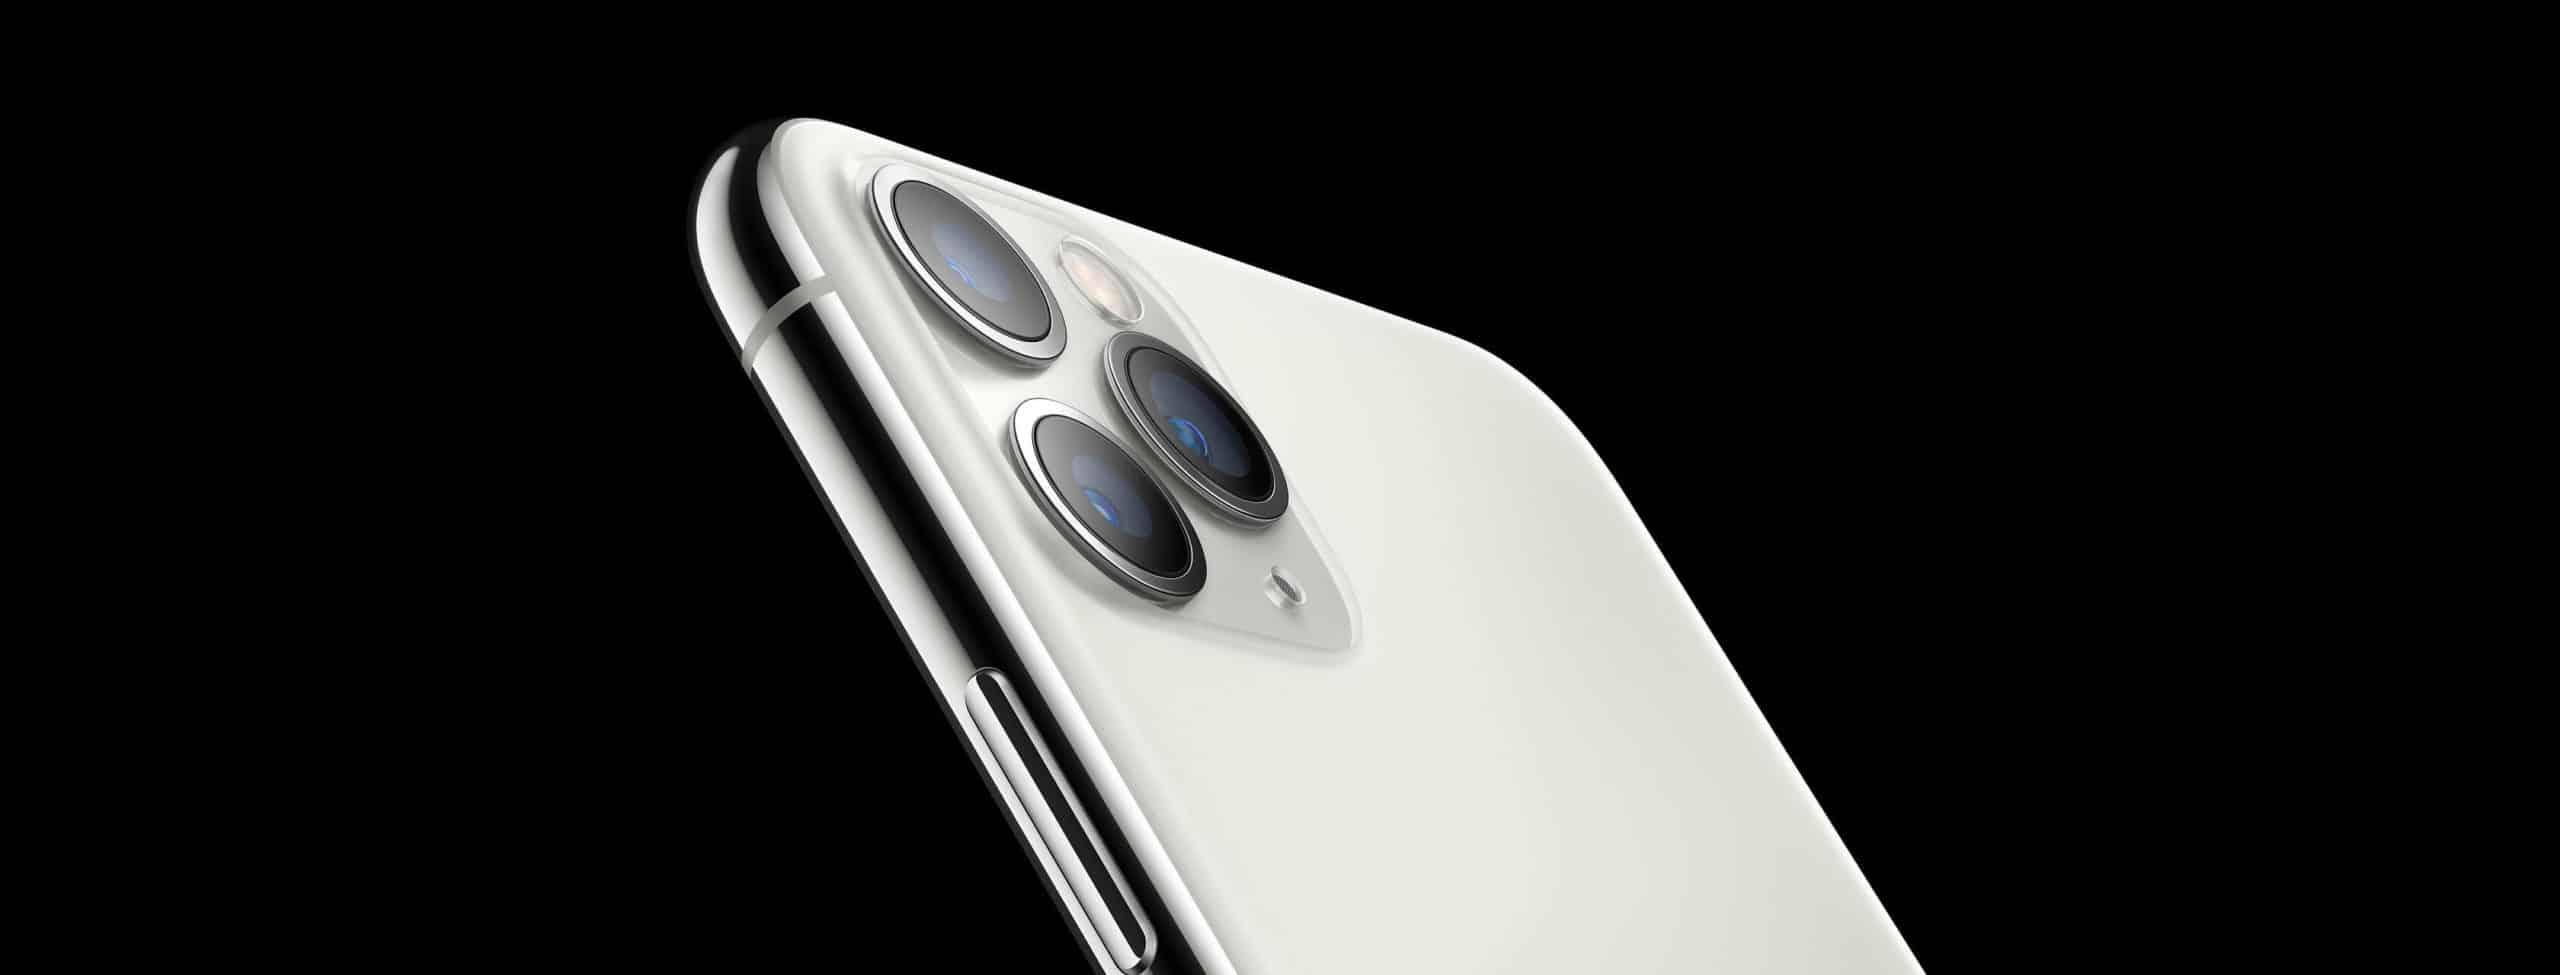 iPhone 11 Kamera: Erste Nightmode Bilder / Samsung stichelt in neuem Werbespot